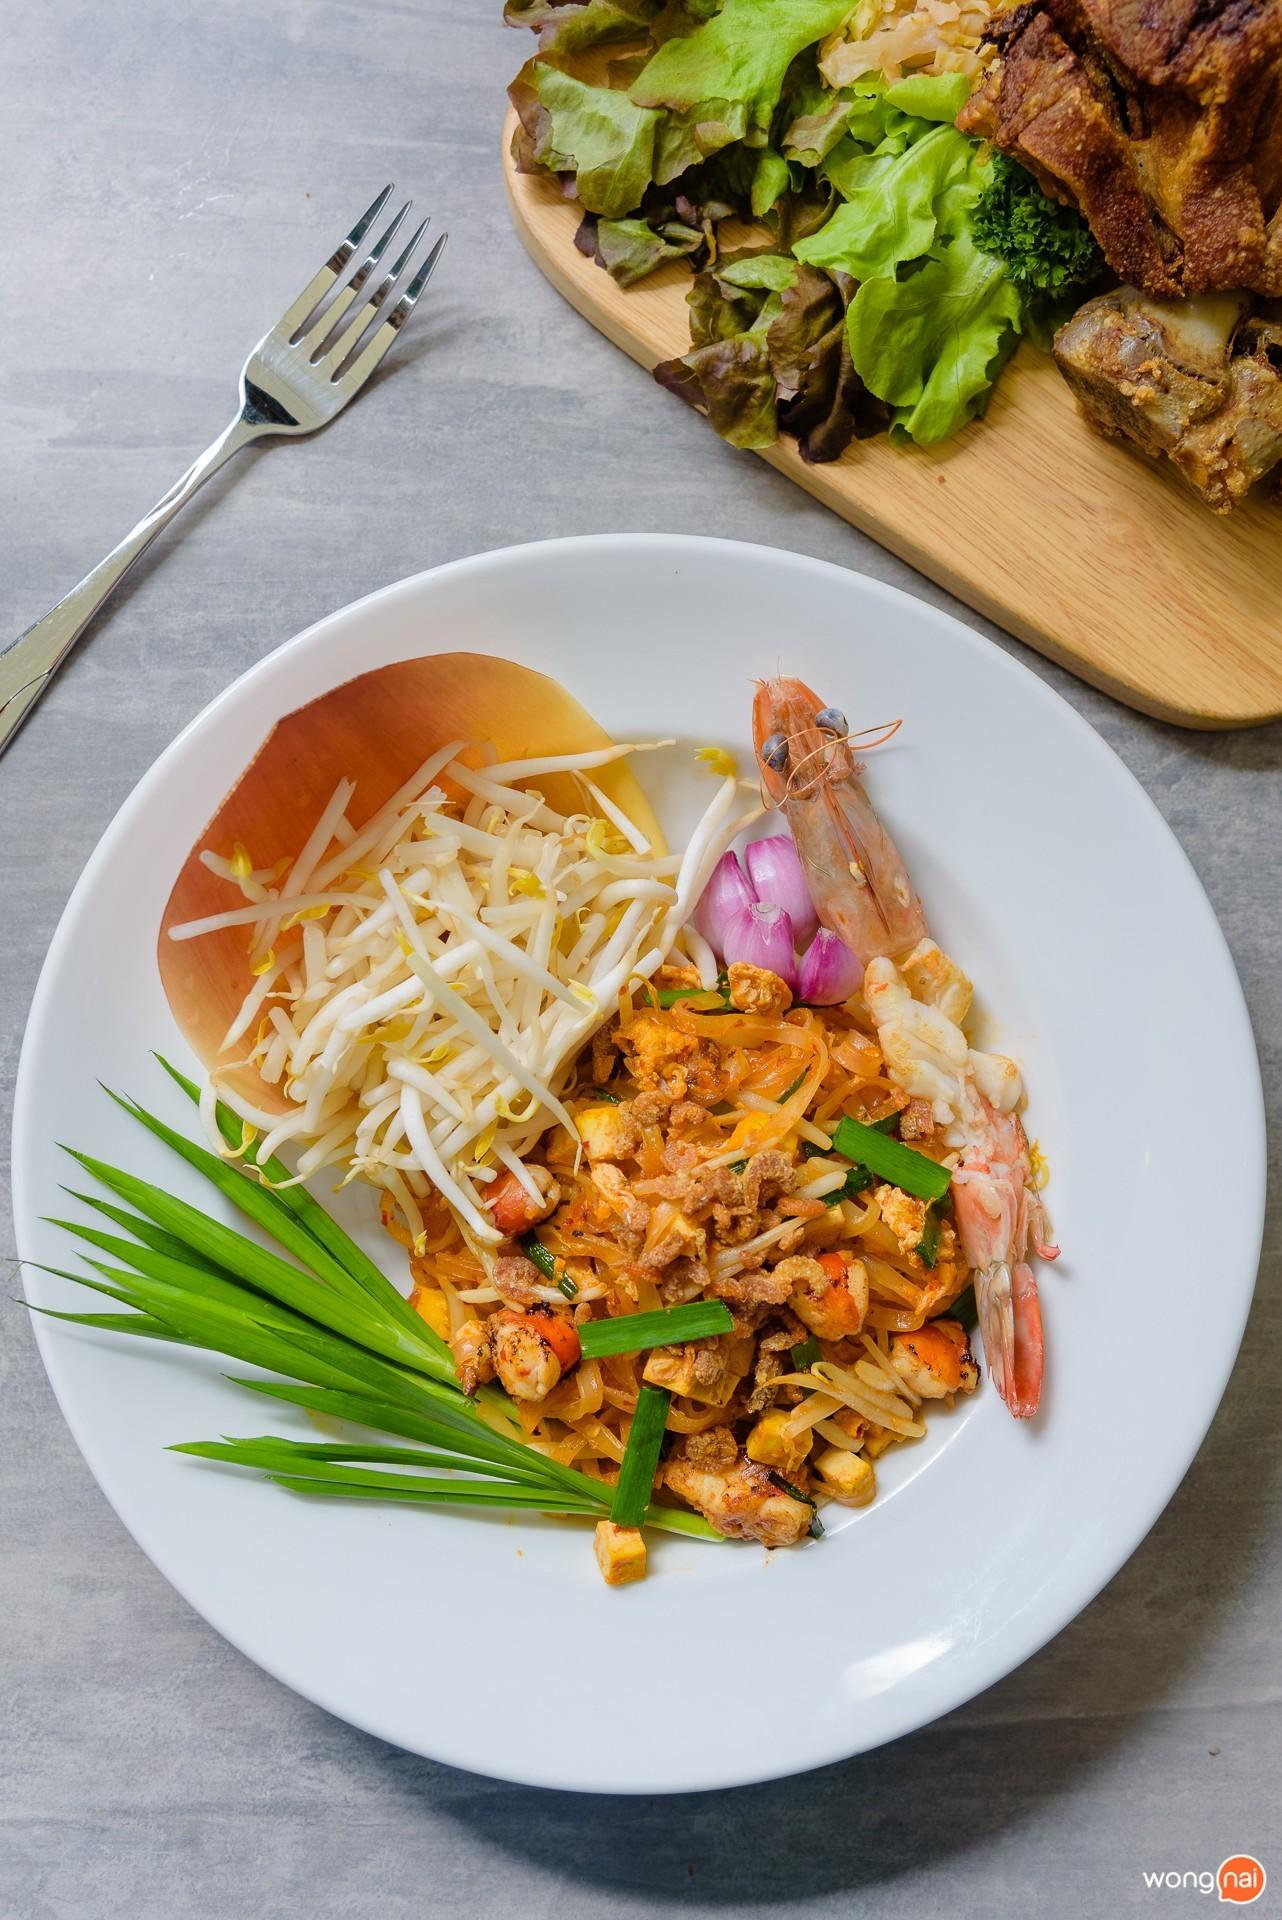 """เมนู """"ผัดไทกุ้งลายเสือ"""" ของร้าน """"Pint Factory"""" ในโซน Public House ของห้าง Central Festival Phuket"""